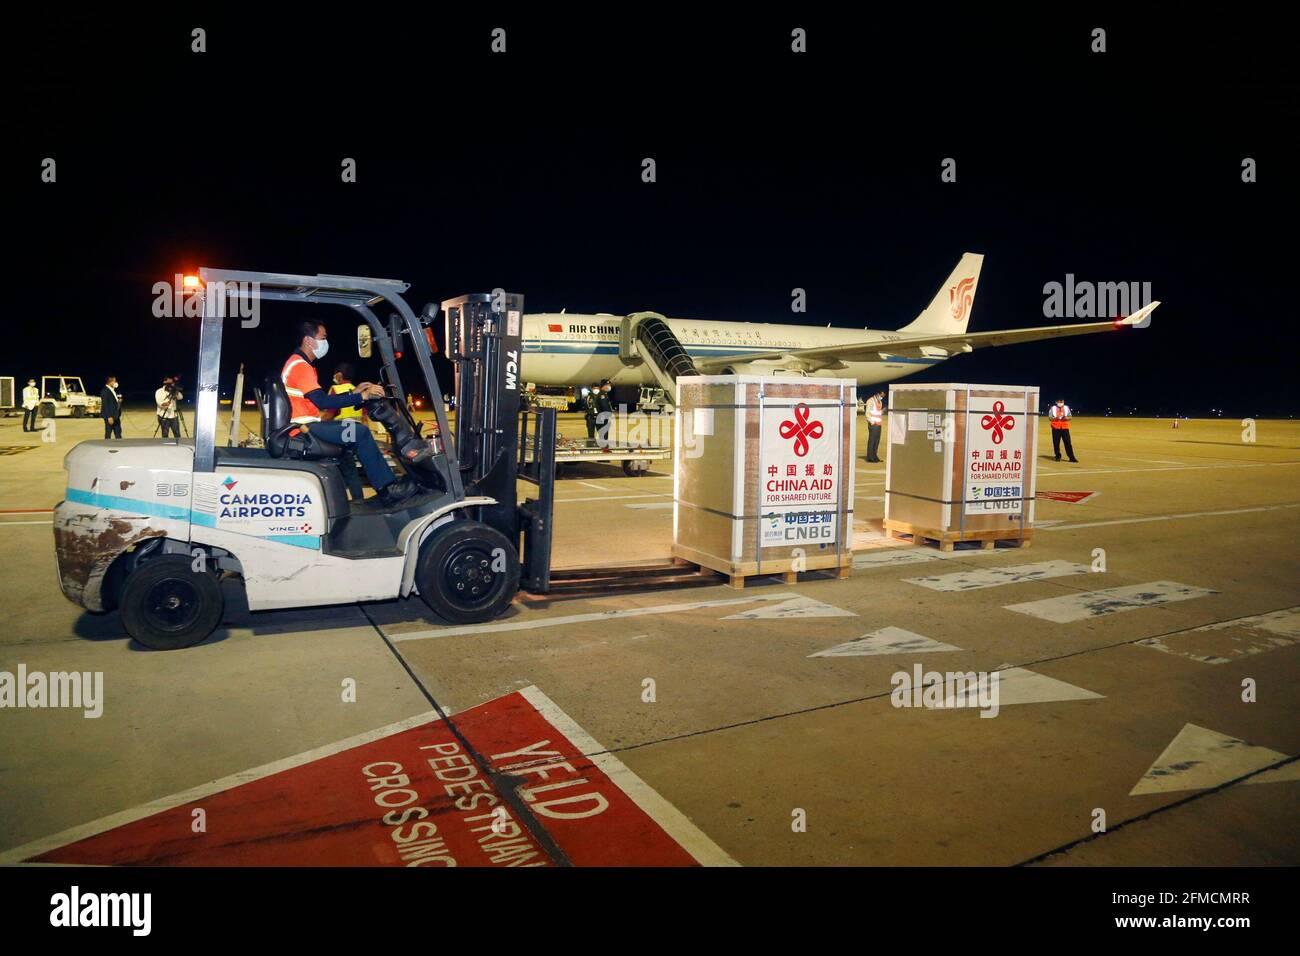 (210508) -- PEKING, 8. Mai 2021 (Xinhua) -- EIN Arbeiter transportiert Sinopharm COVID-19-Impfstoff auf dem Internationalen Flughafen von Phnom Penh in Phnom Penh, Kambodscha, 28. April 2021. (Foto von Fearum/Xinhua) Stockfoto